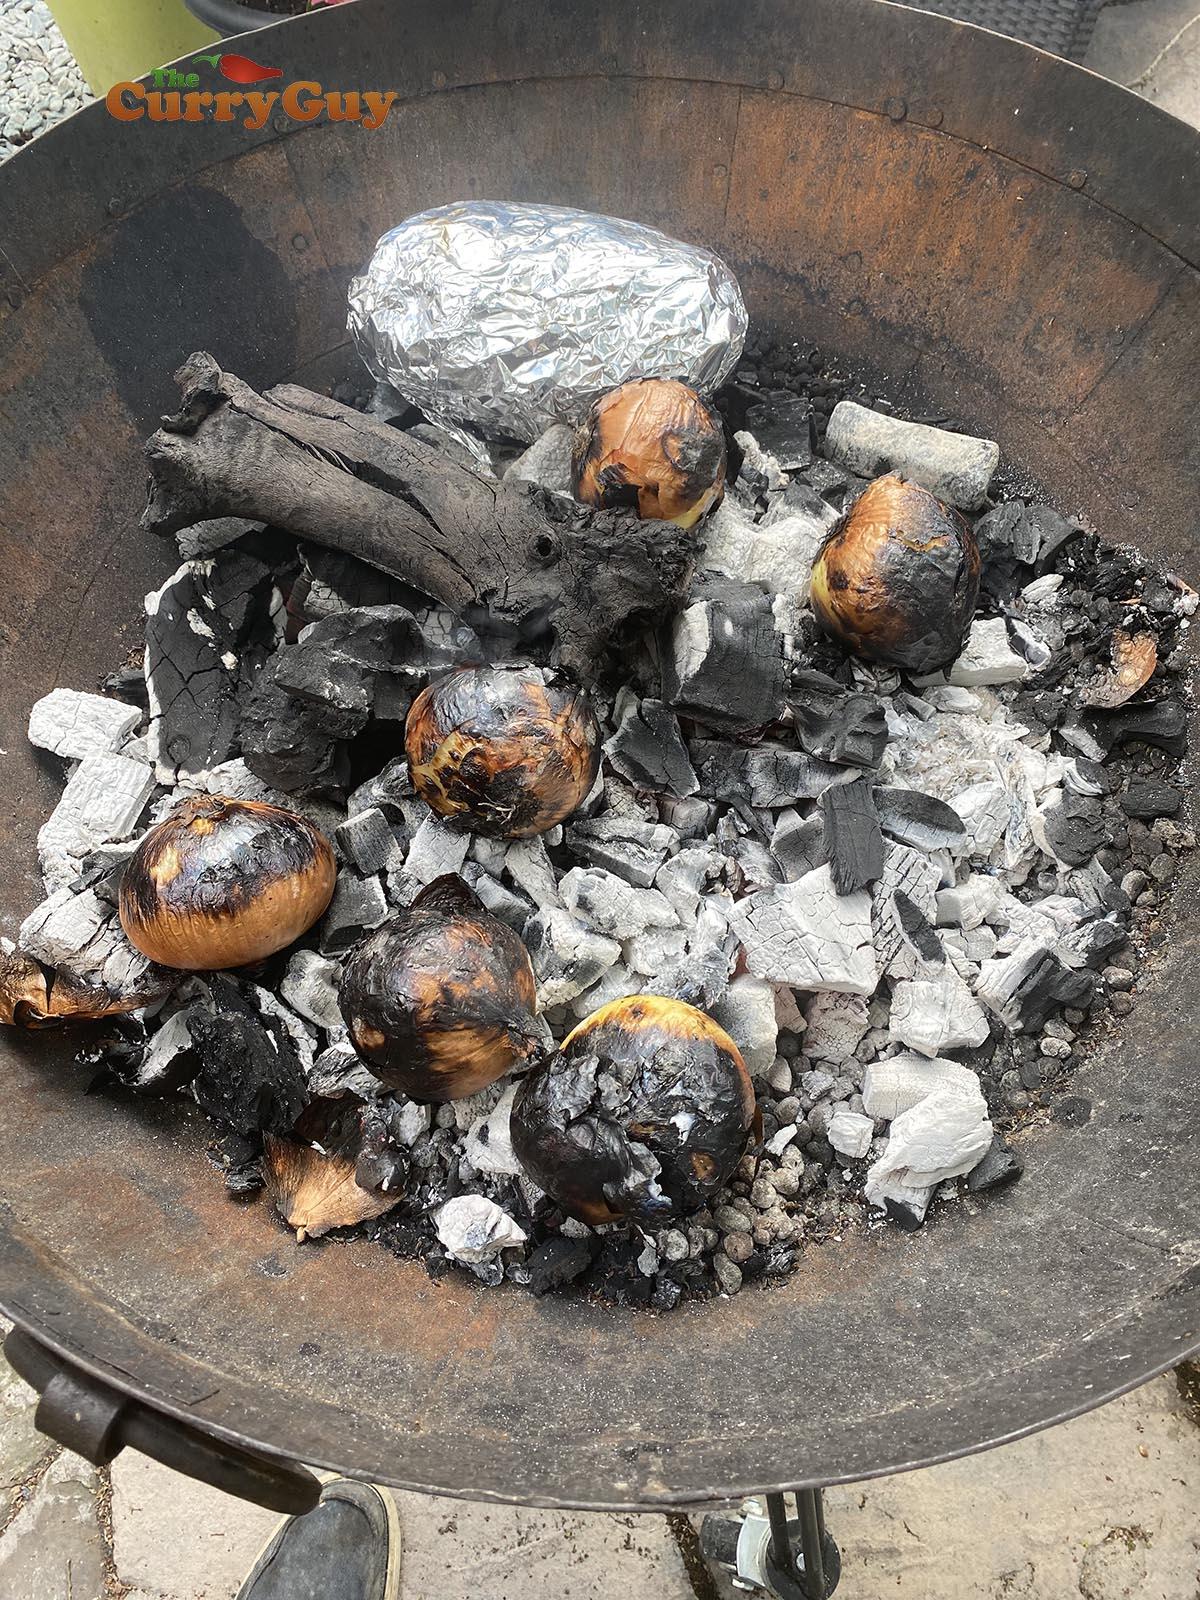 hobo pack of vegetables in the embers